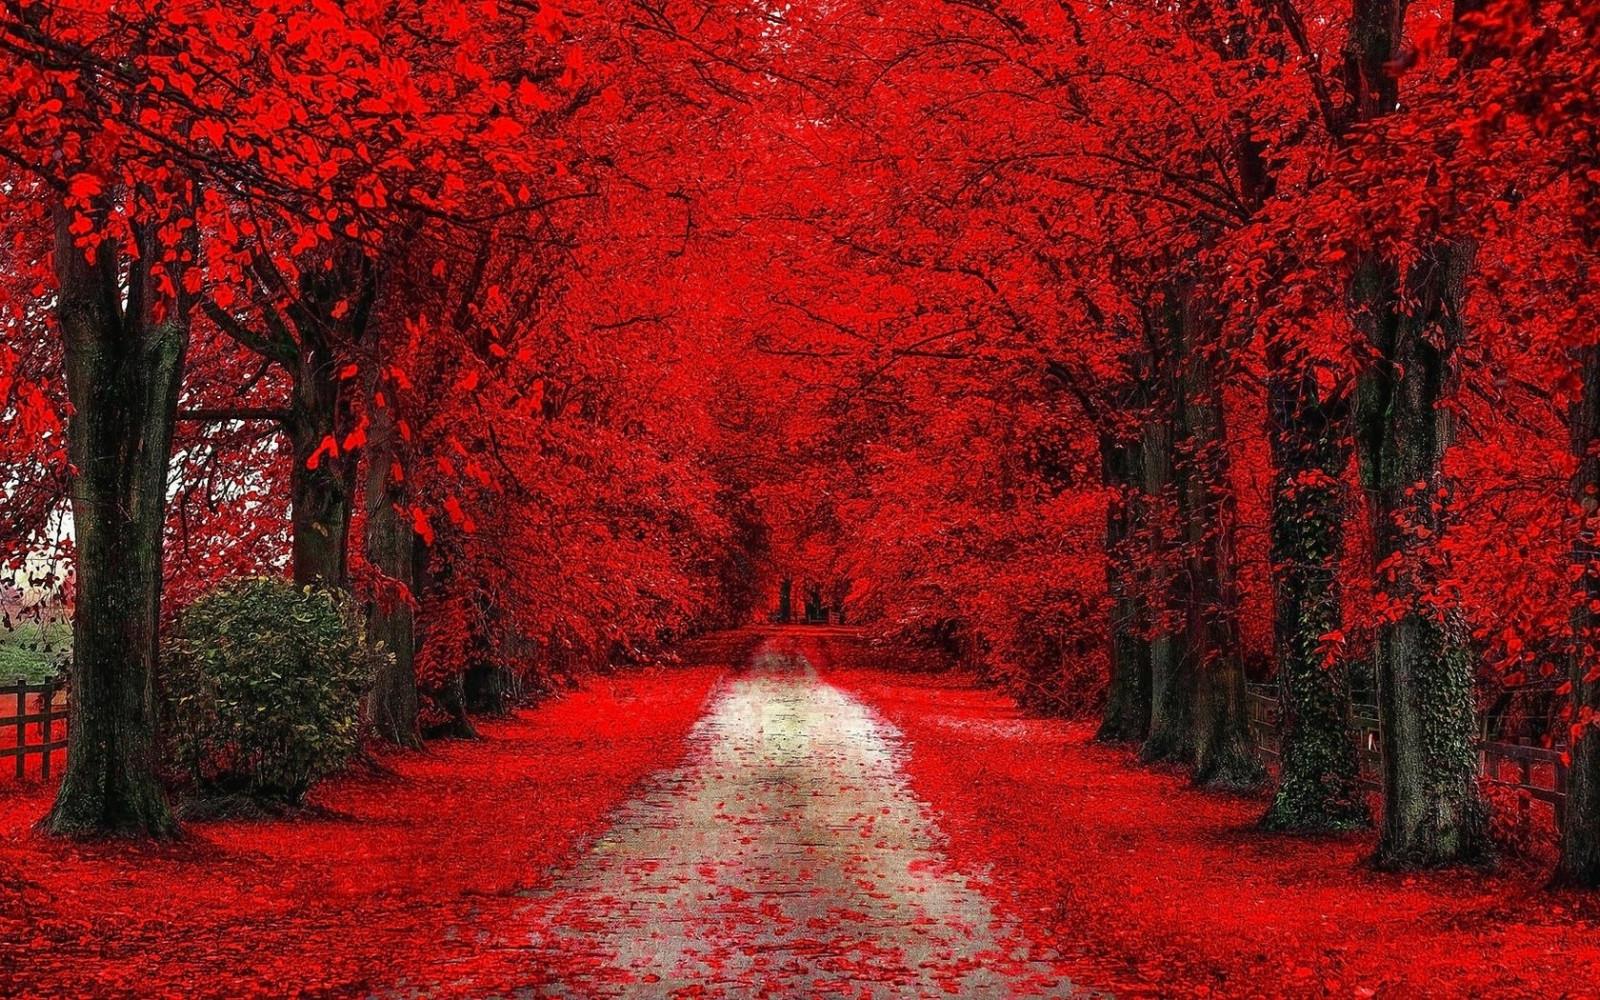 ต้นไม้ ป่า ตก ใบไม้ สีแดง สาขา น้ำค้างแข็ง ถนนสกปรก เส้นทาง ต้นไม้ ฤดูใบไม้ร่วง ใบไม้ ดอกไม้ ปลูก ฤดู ป่าไม้ โรงงานที่ดิน ไม้ยืนต้น